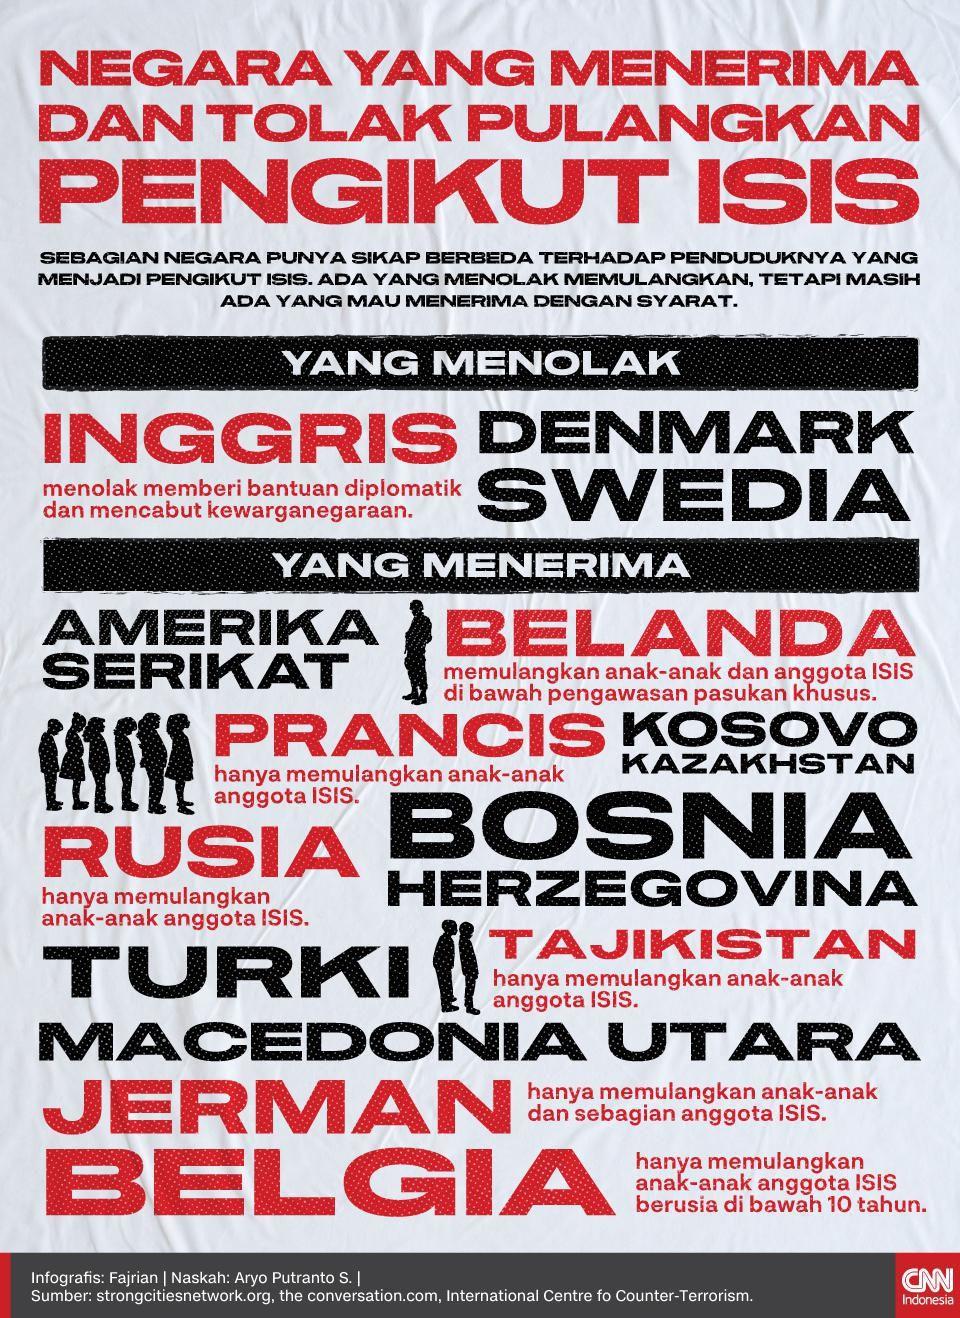 Infografis Negara yang Menerima dan Tolak Pulangkan Pengikut ISIS